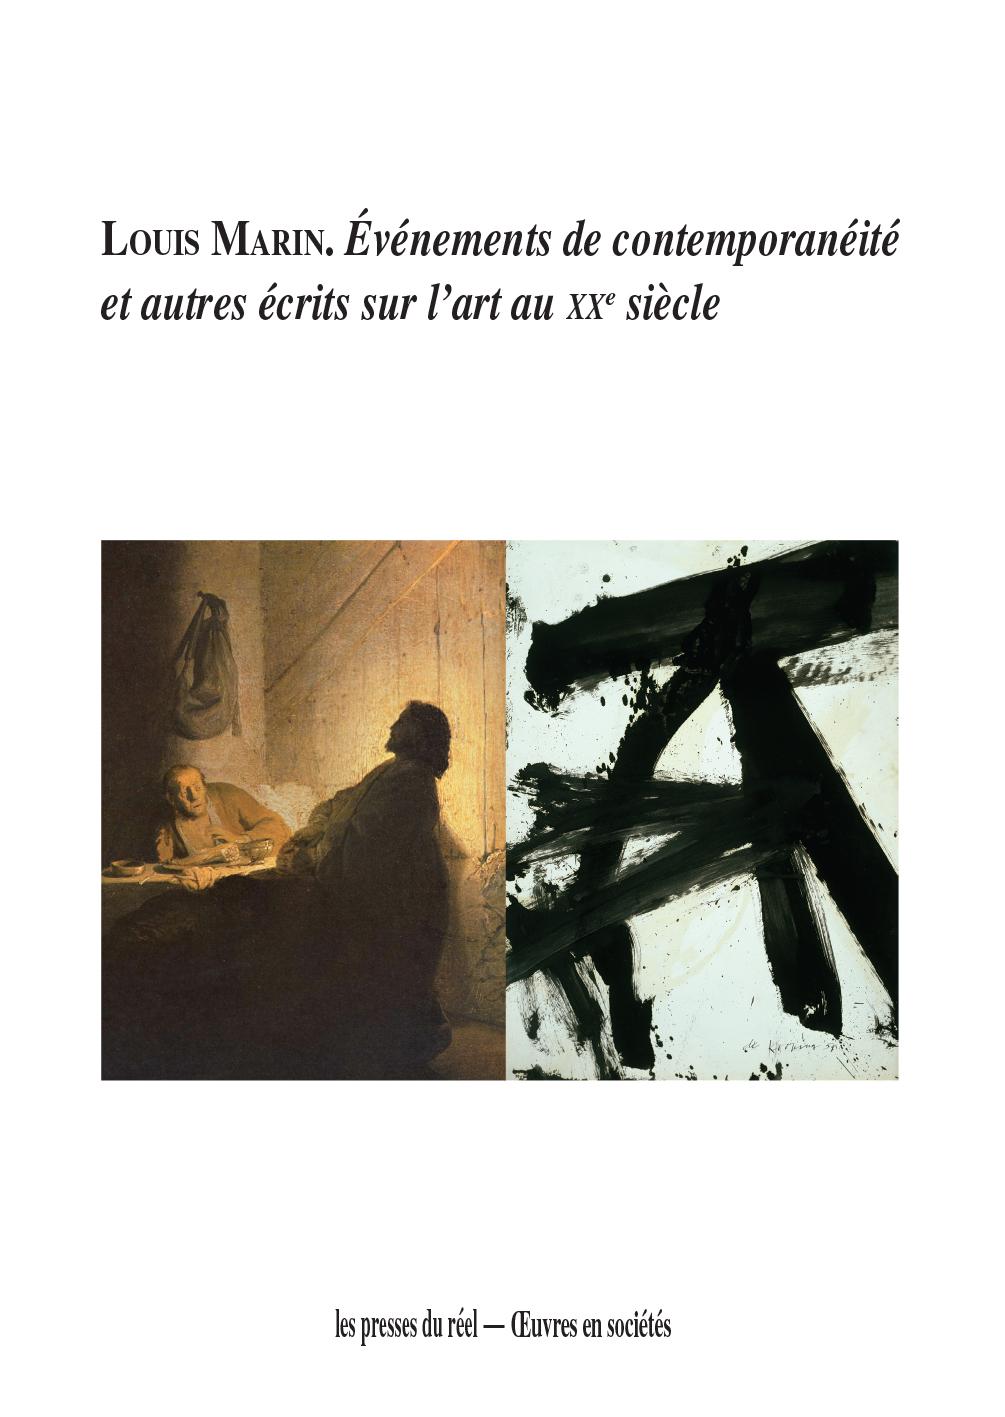 L. Marin, Événements de contemporanéité et autres écrits sur l'art au XXe siècle